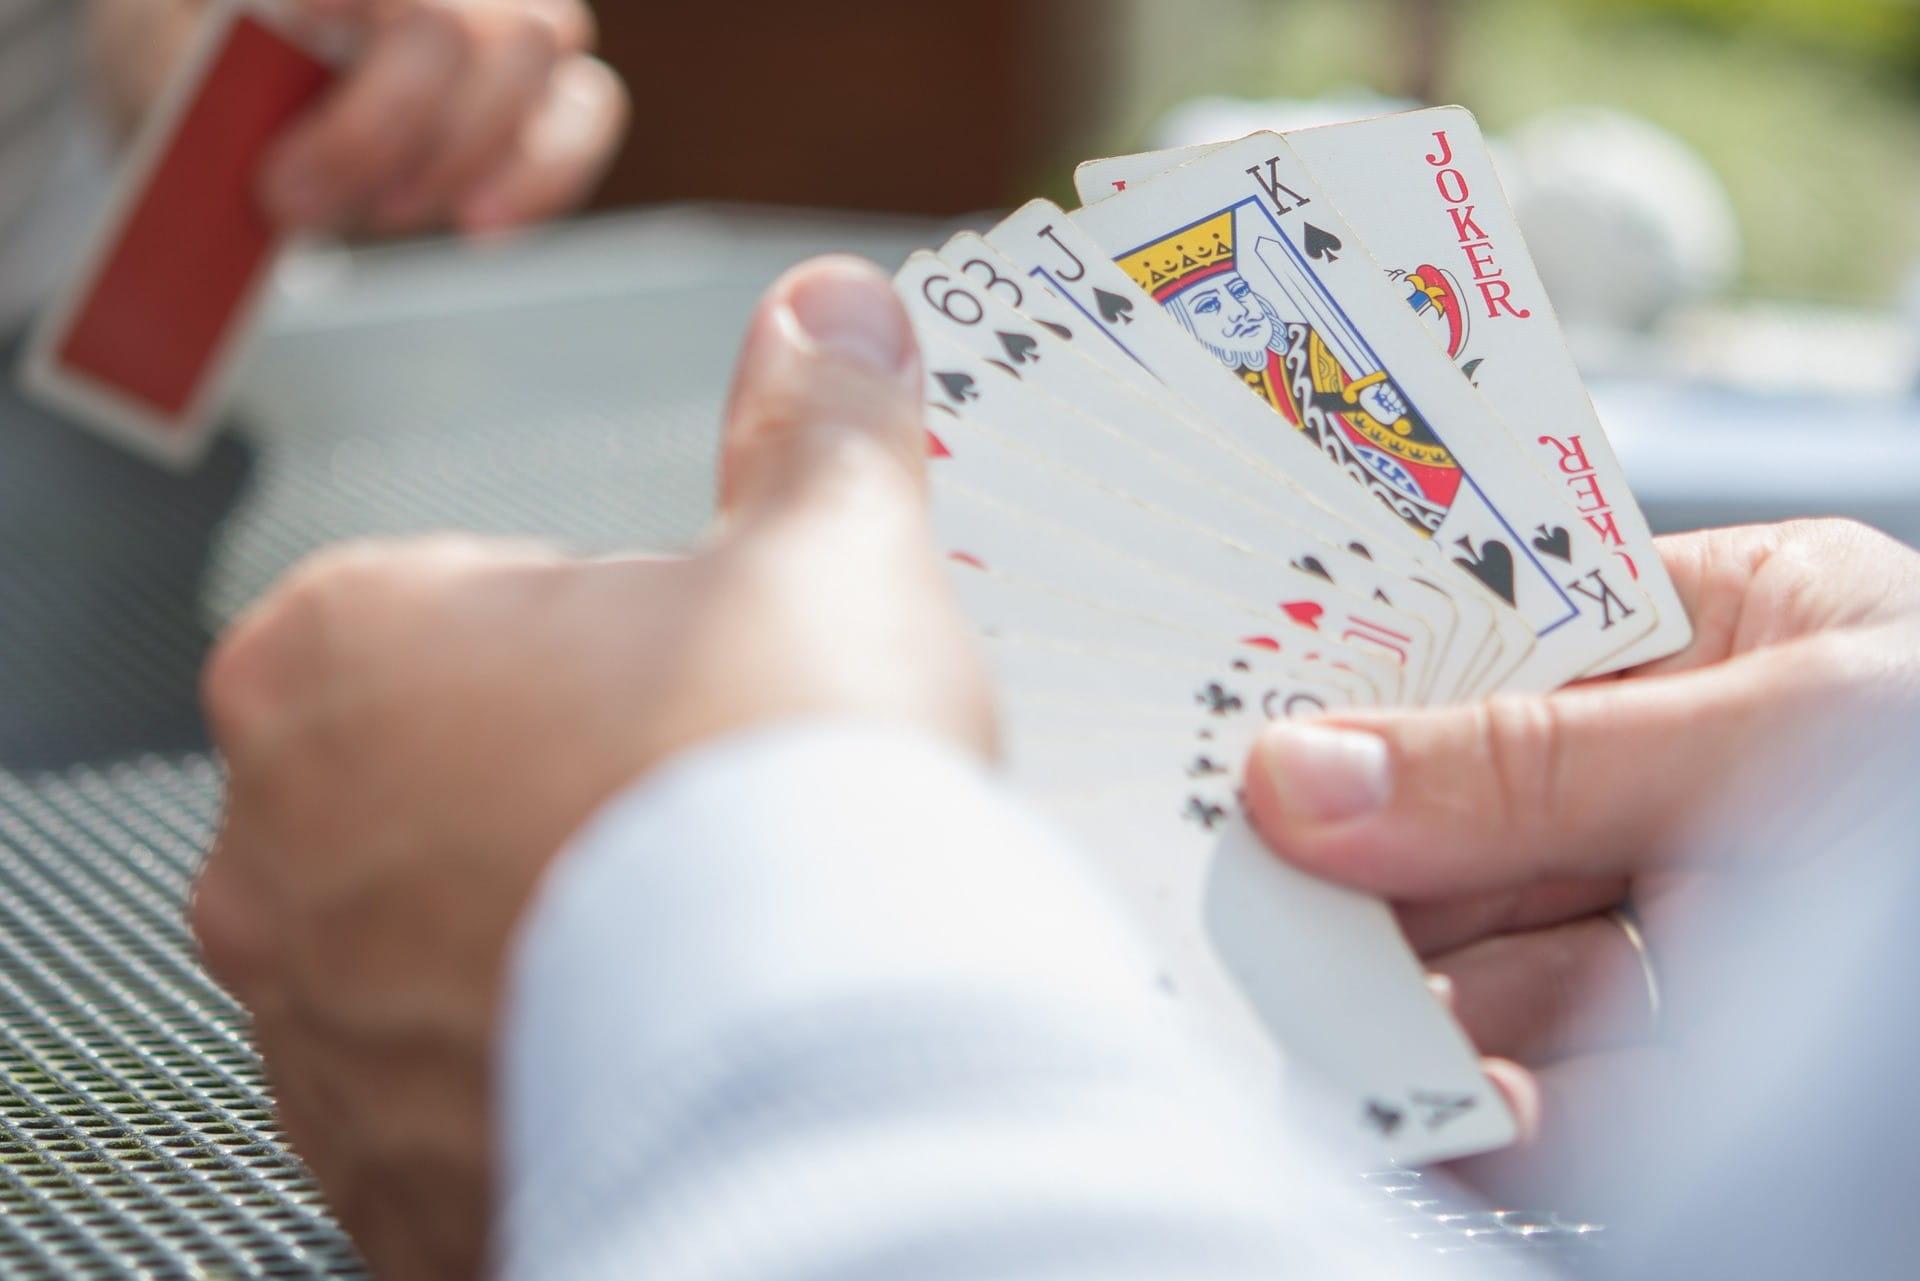 Dua pria memegang kartu poker di tangan mereka.  Dalam kasus seorang pria, kartu terlihat.